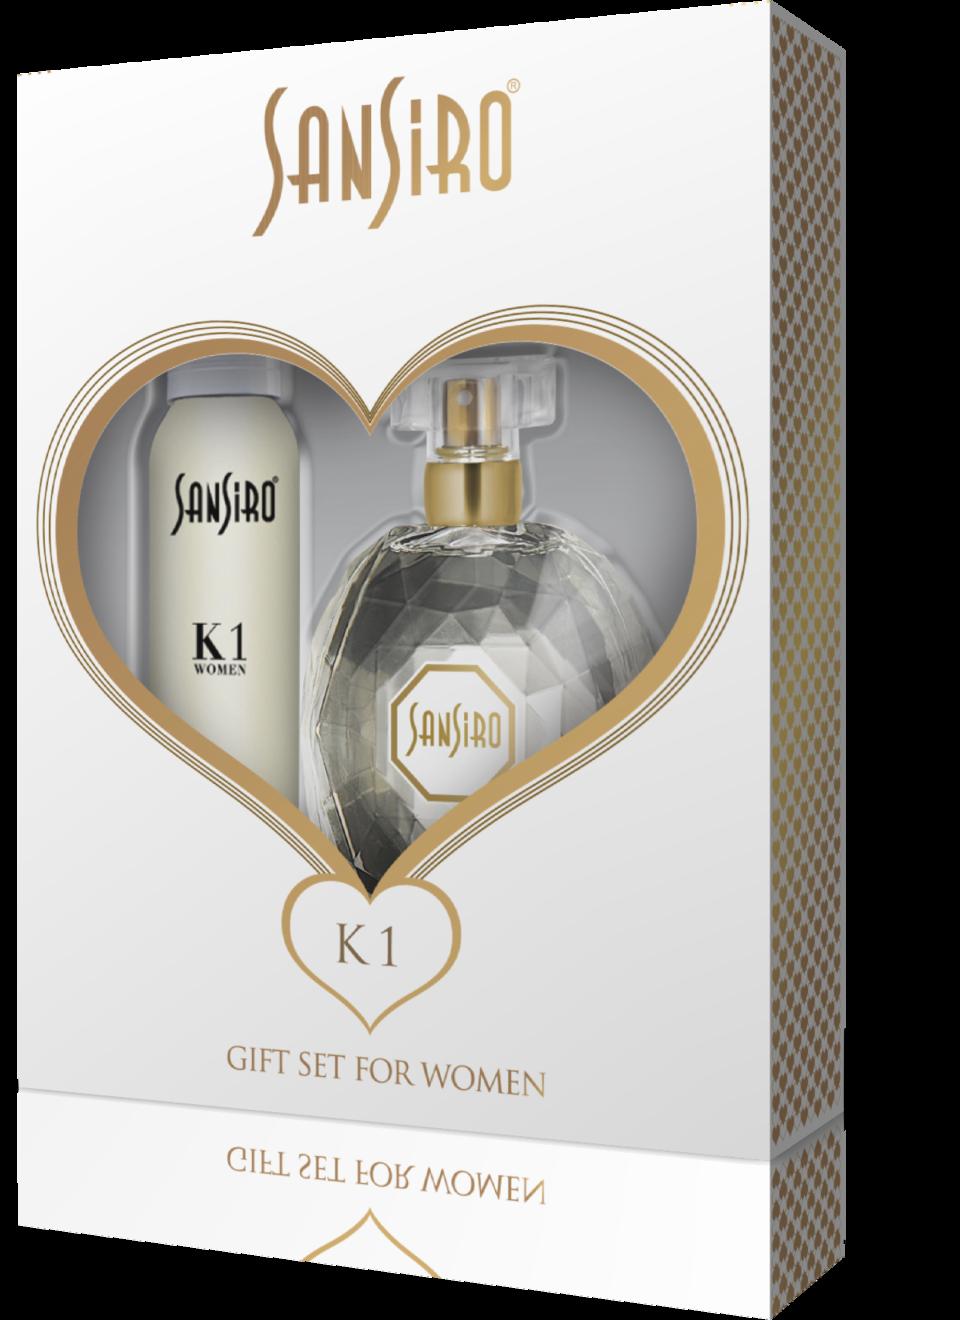 Sansiro Perfume - Gift Sets For Women - Geschenke Set K61